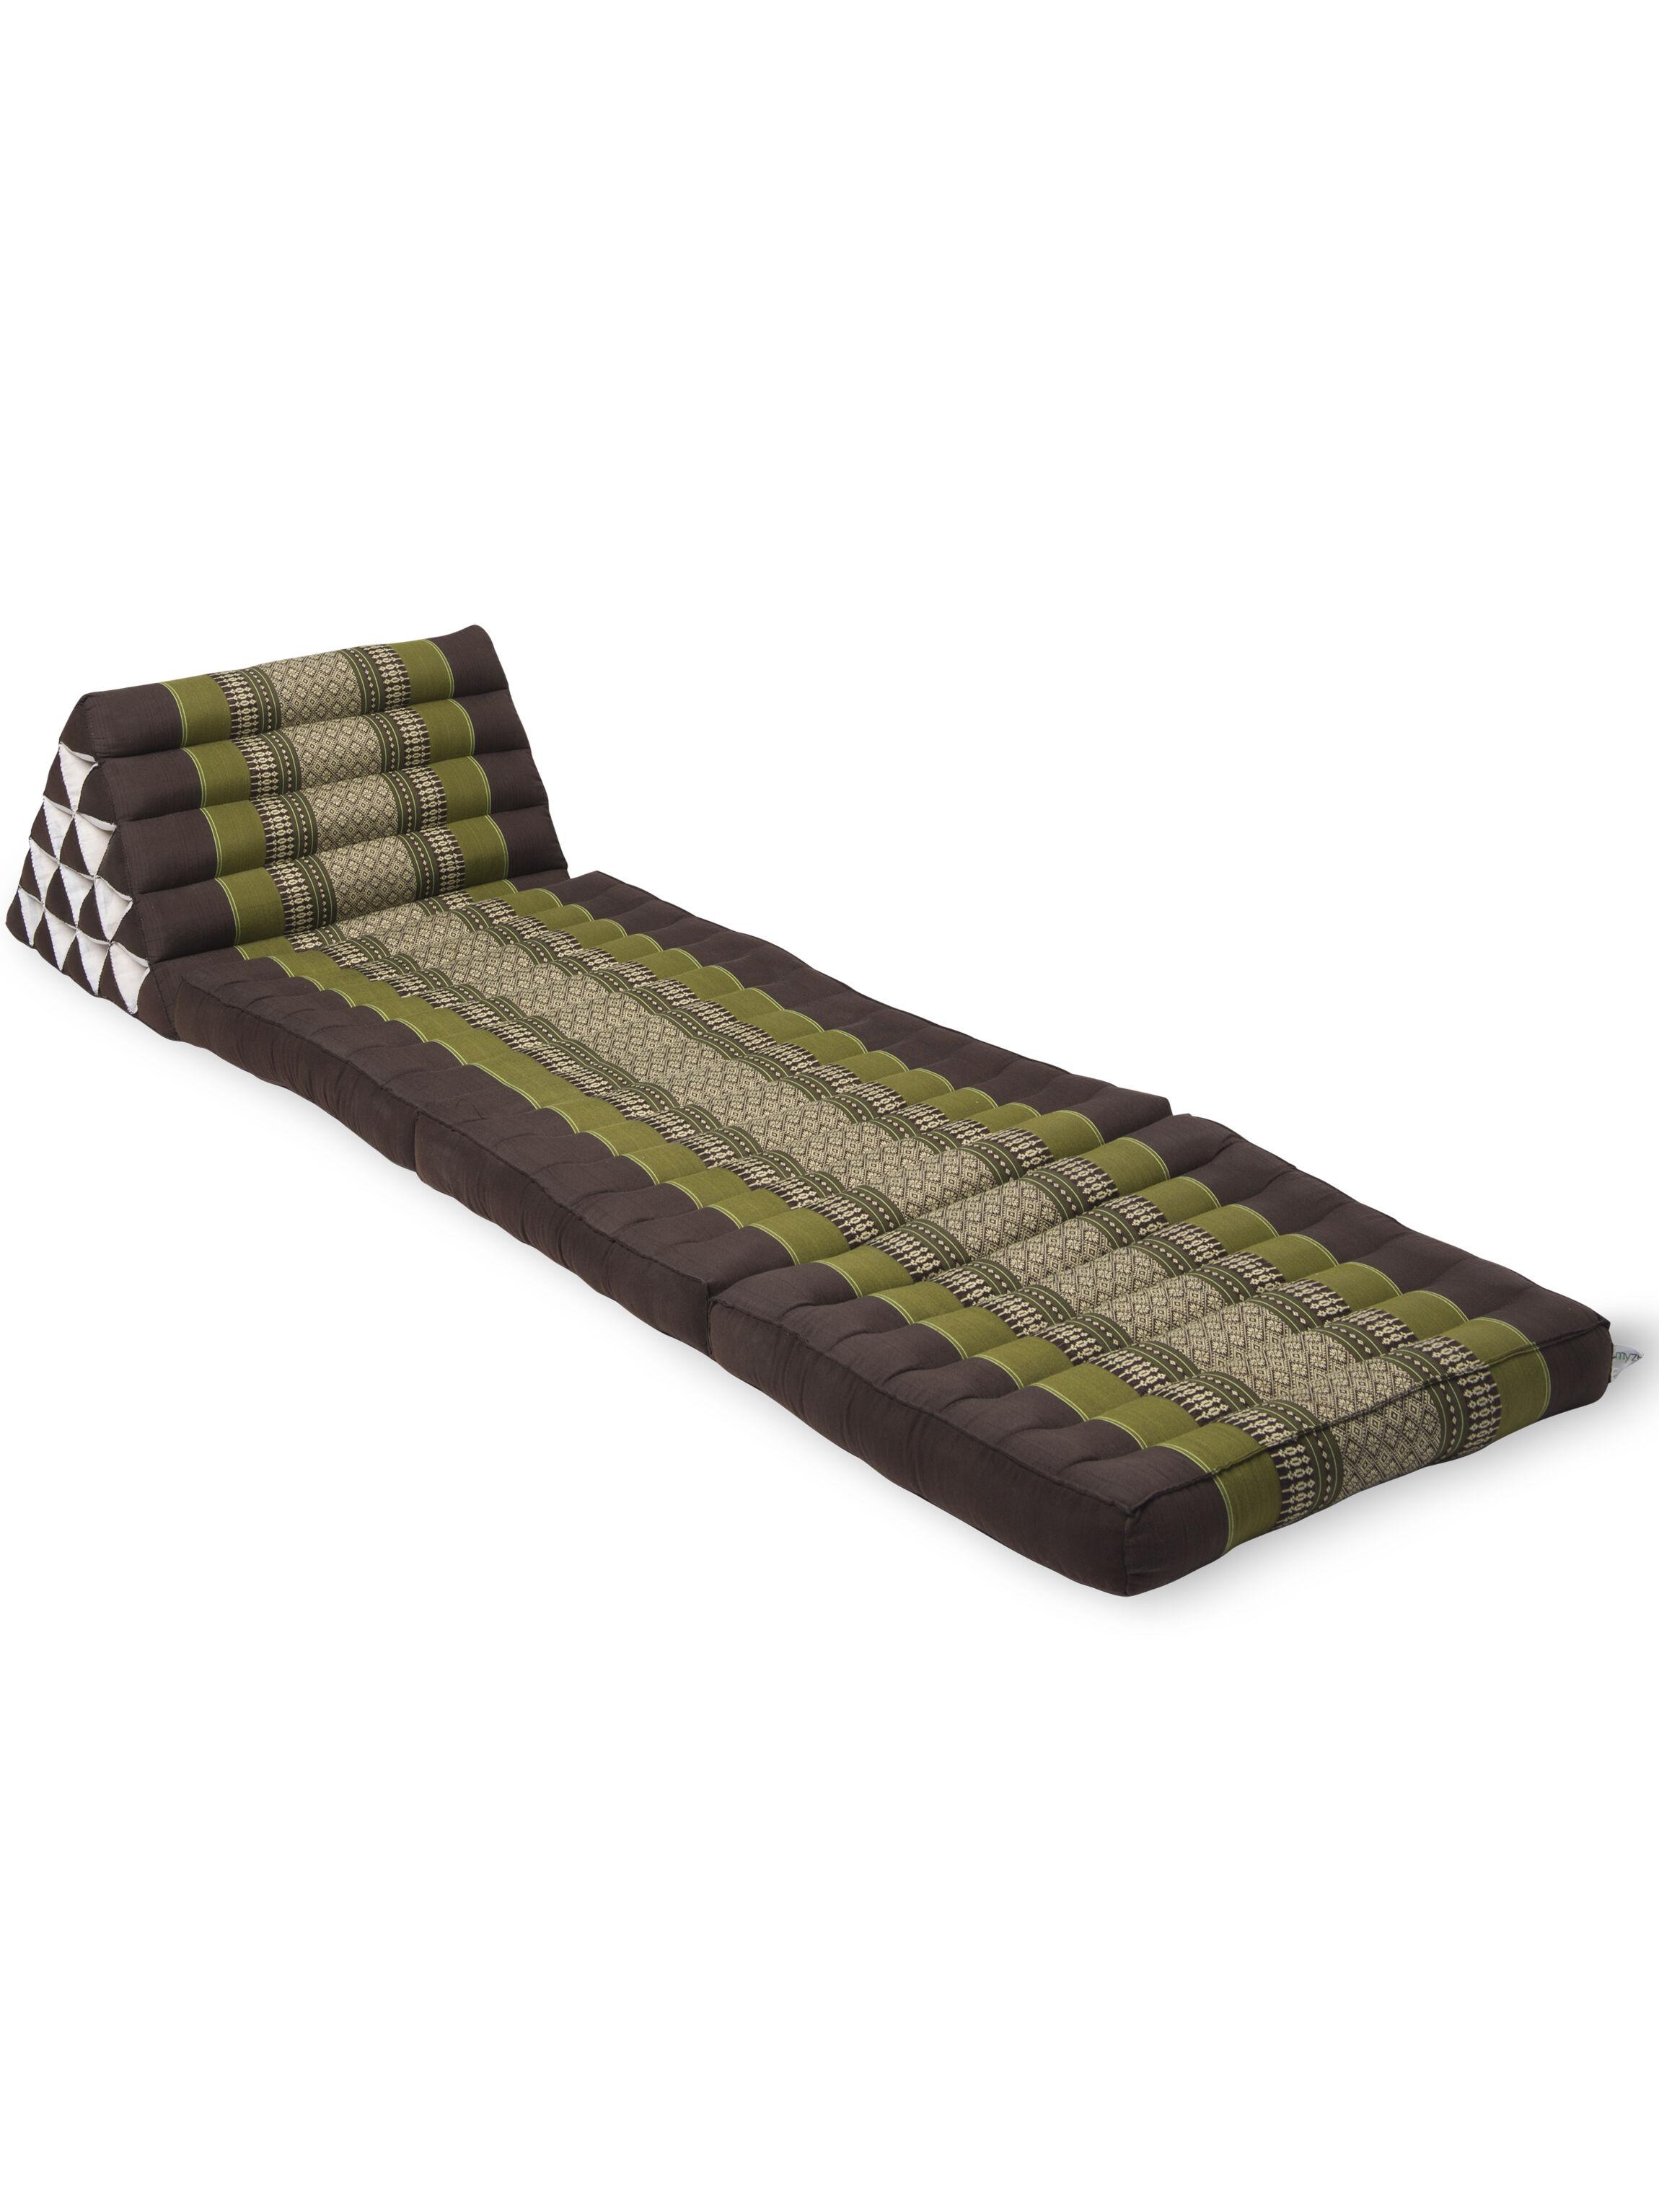 Triangle Floor Lounger  Kapok Pillow  Gardenerscom